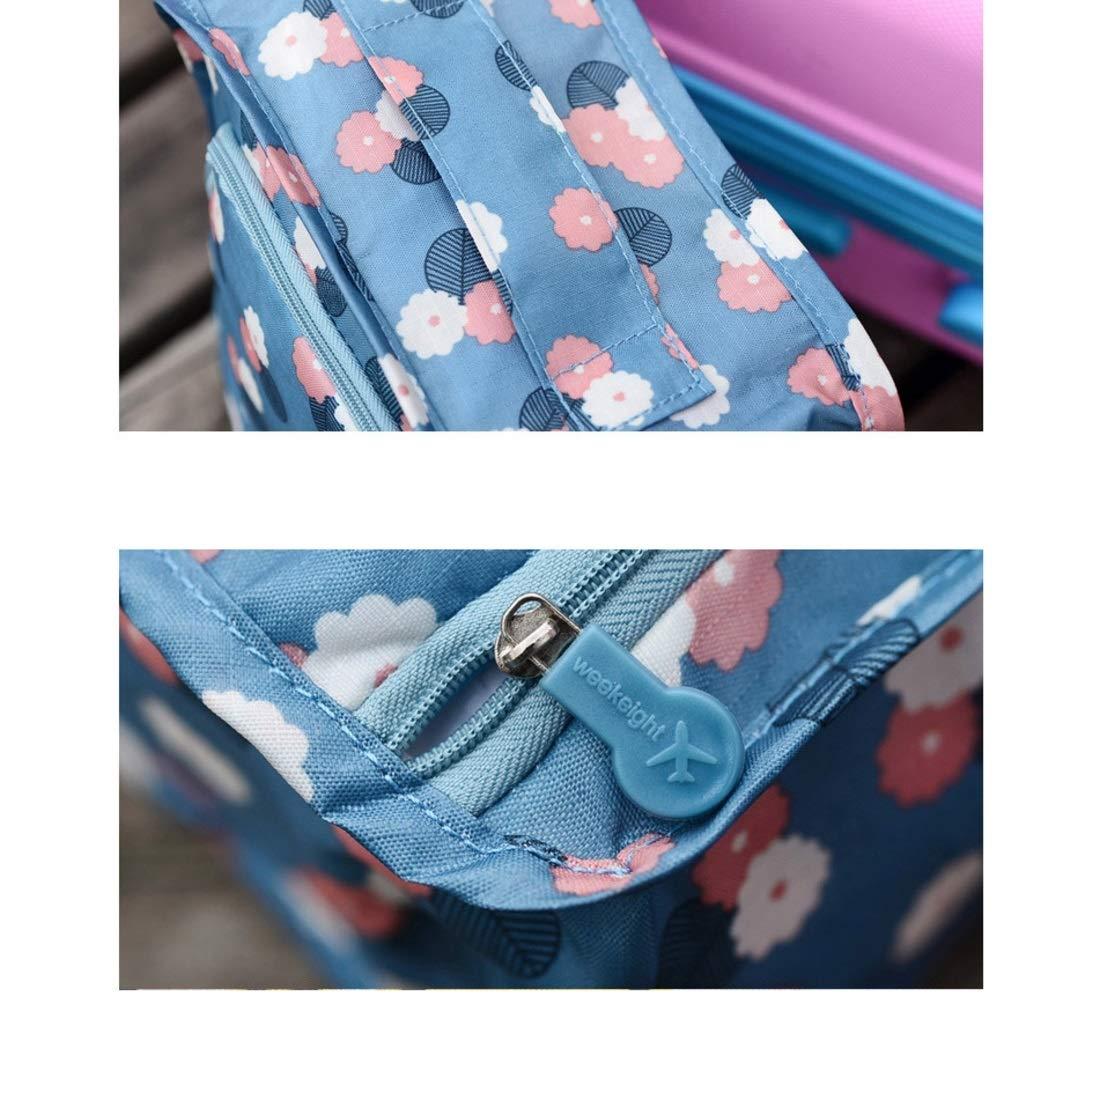 Color : Blue Daisy Lieyliso Bolsos de Viaje port/átiles Bolsos Organizador de Zapatos Bolsa de Almacenamiento para Viajes Diarios